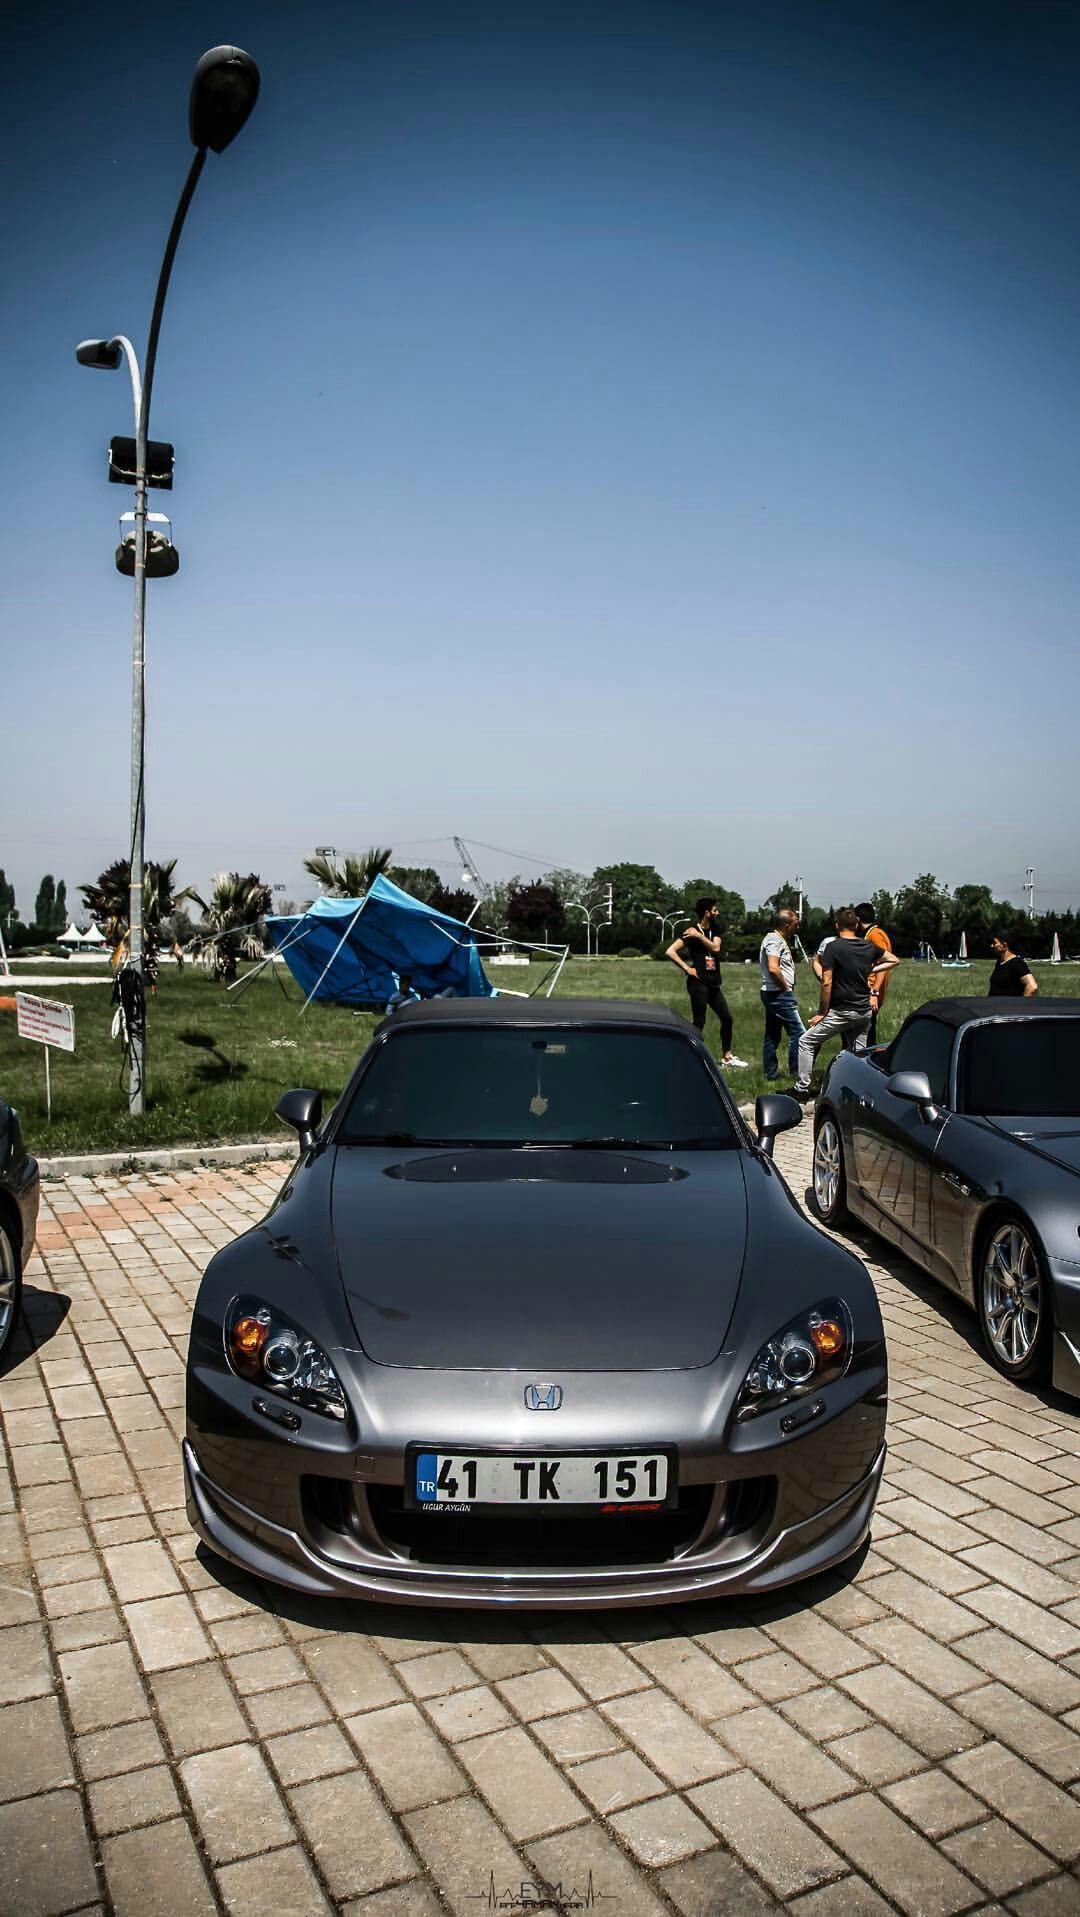 S2000 Türkiye Wallpaper S2k, Bmw, Bmw car